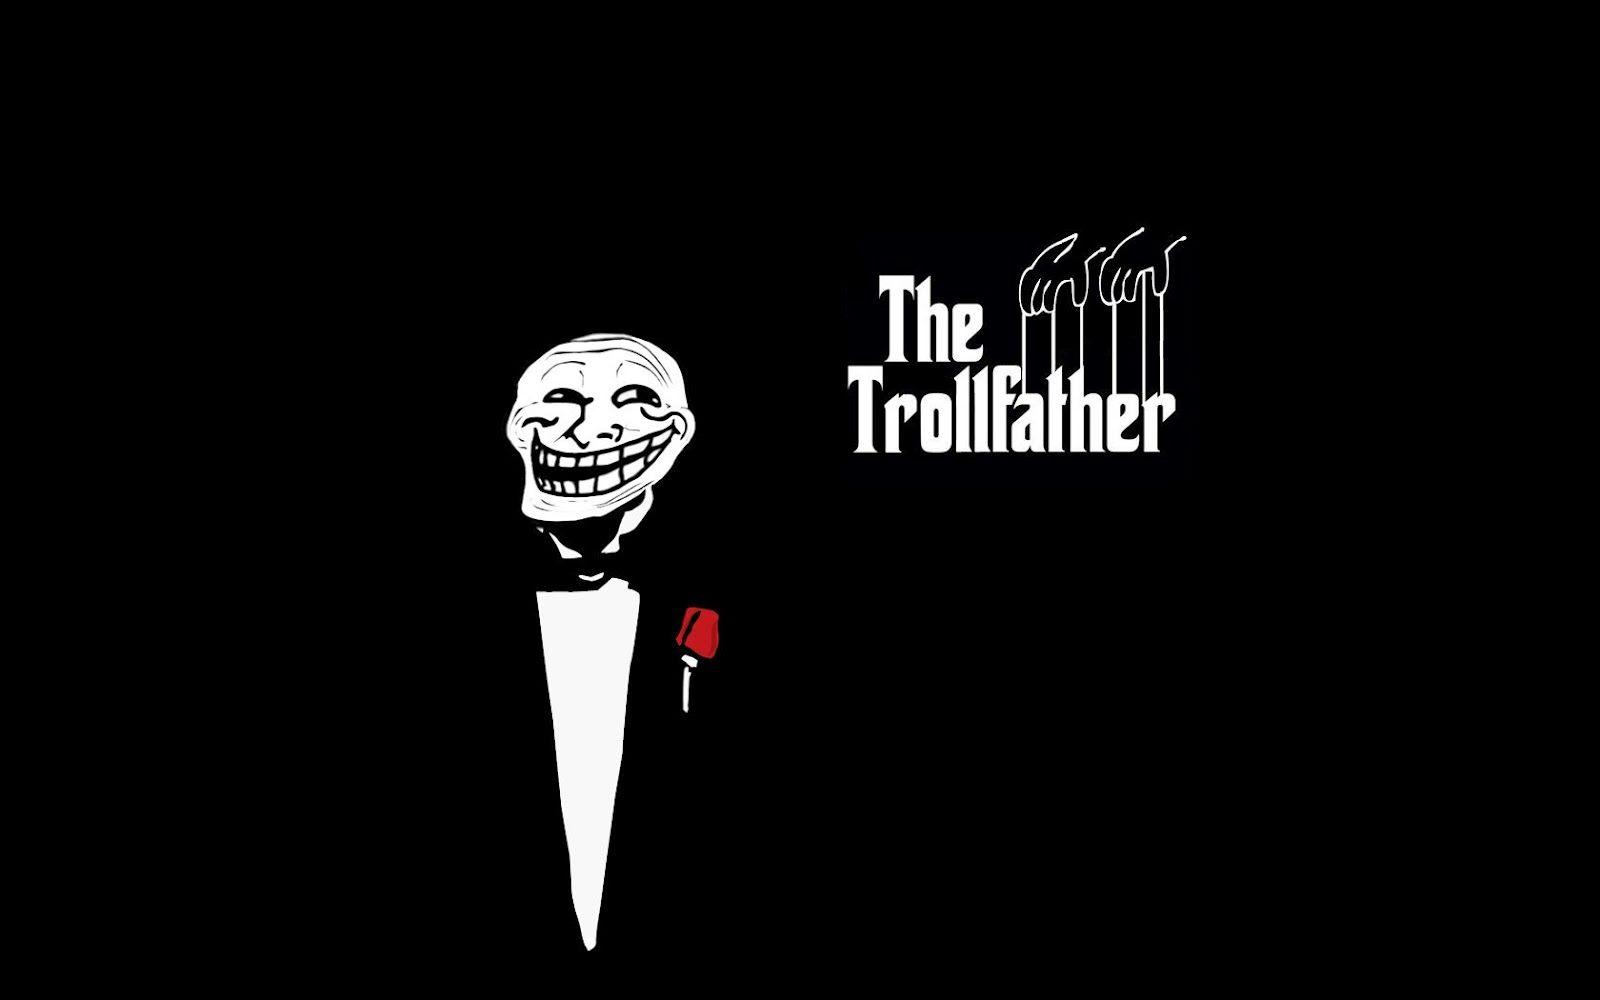 Funny Meme Phone Wallpapers : Troll meme wallpapers meme pinterest troll meme and meme